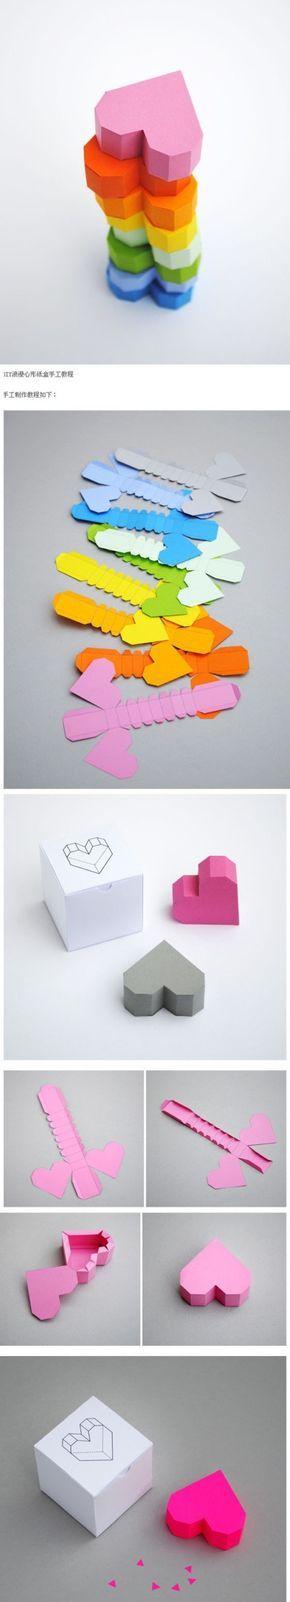 como hacer ♥ de papel